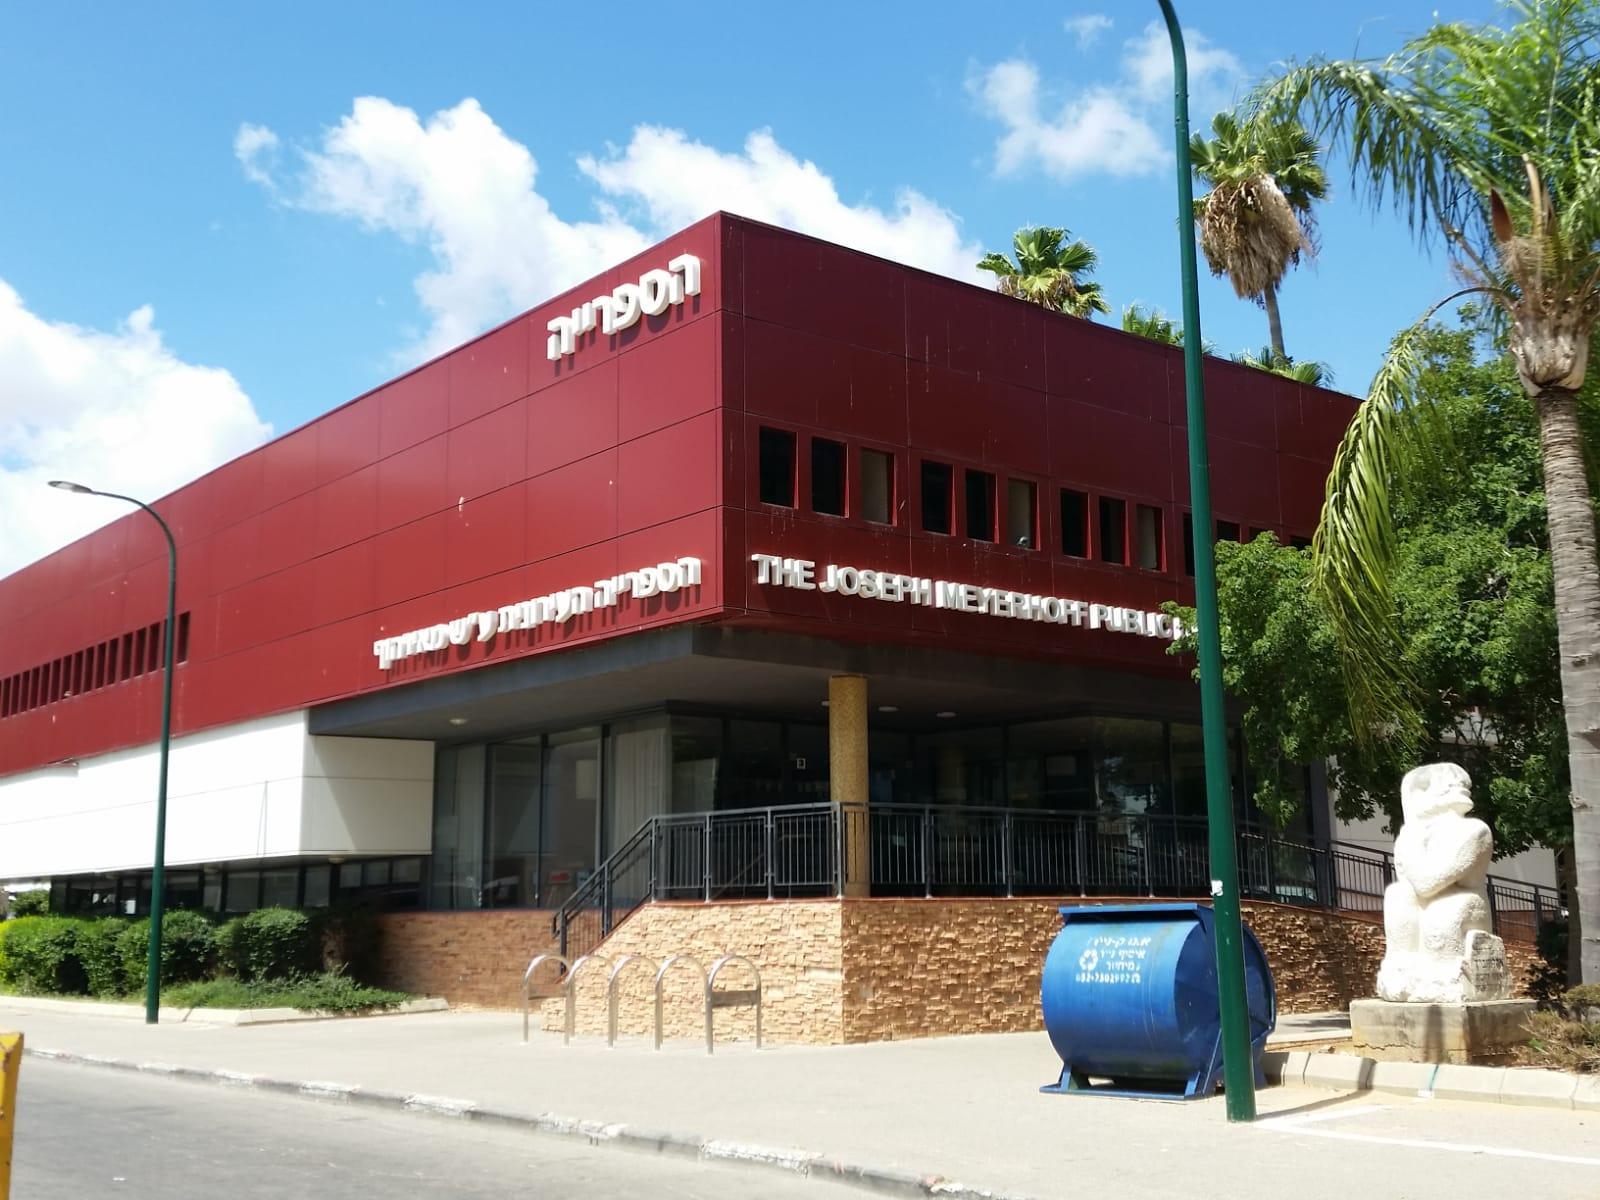 הספרייה העירונית ברחובות (צילום: מיכל עוזרי)